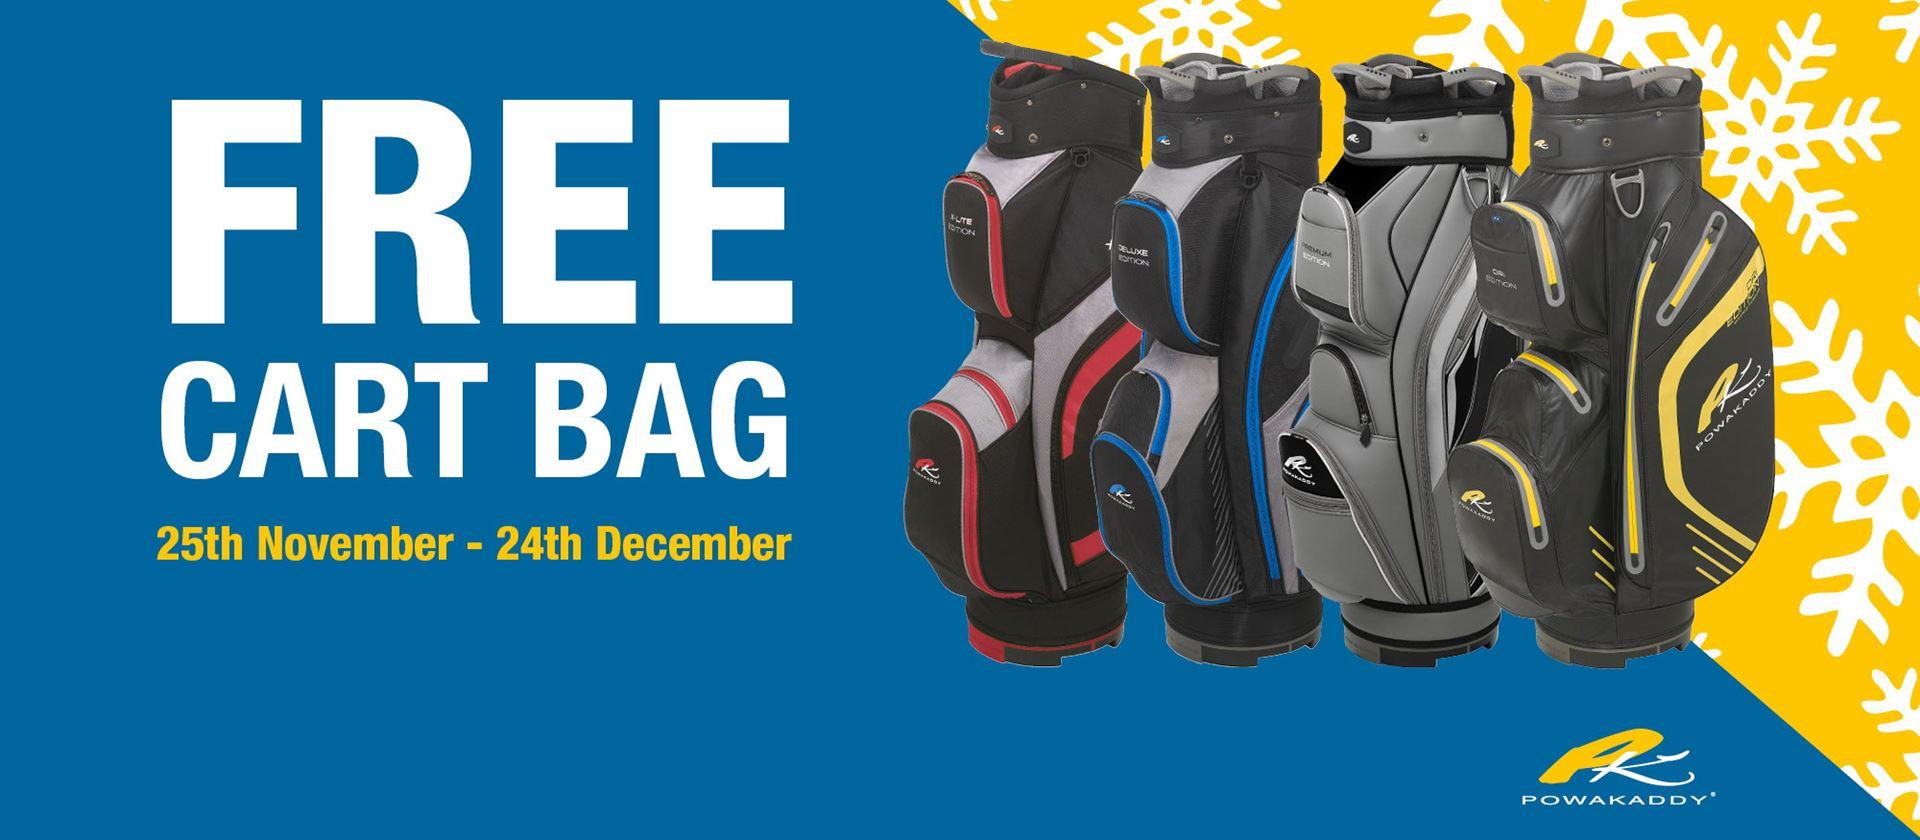 Free Bag with Powakaddy Trolleys